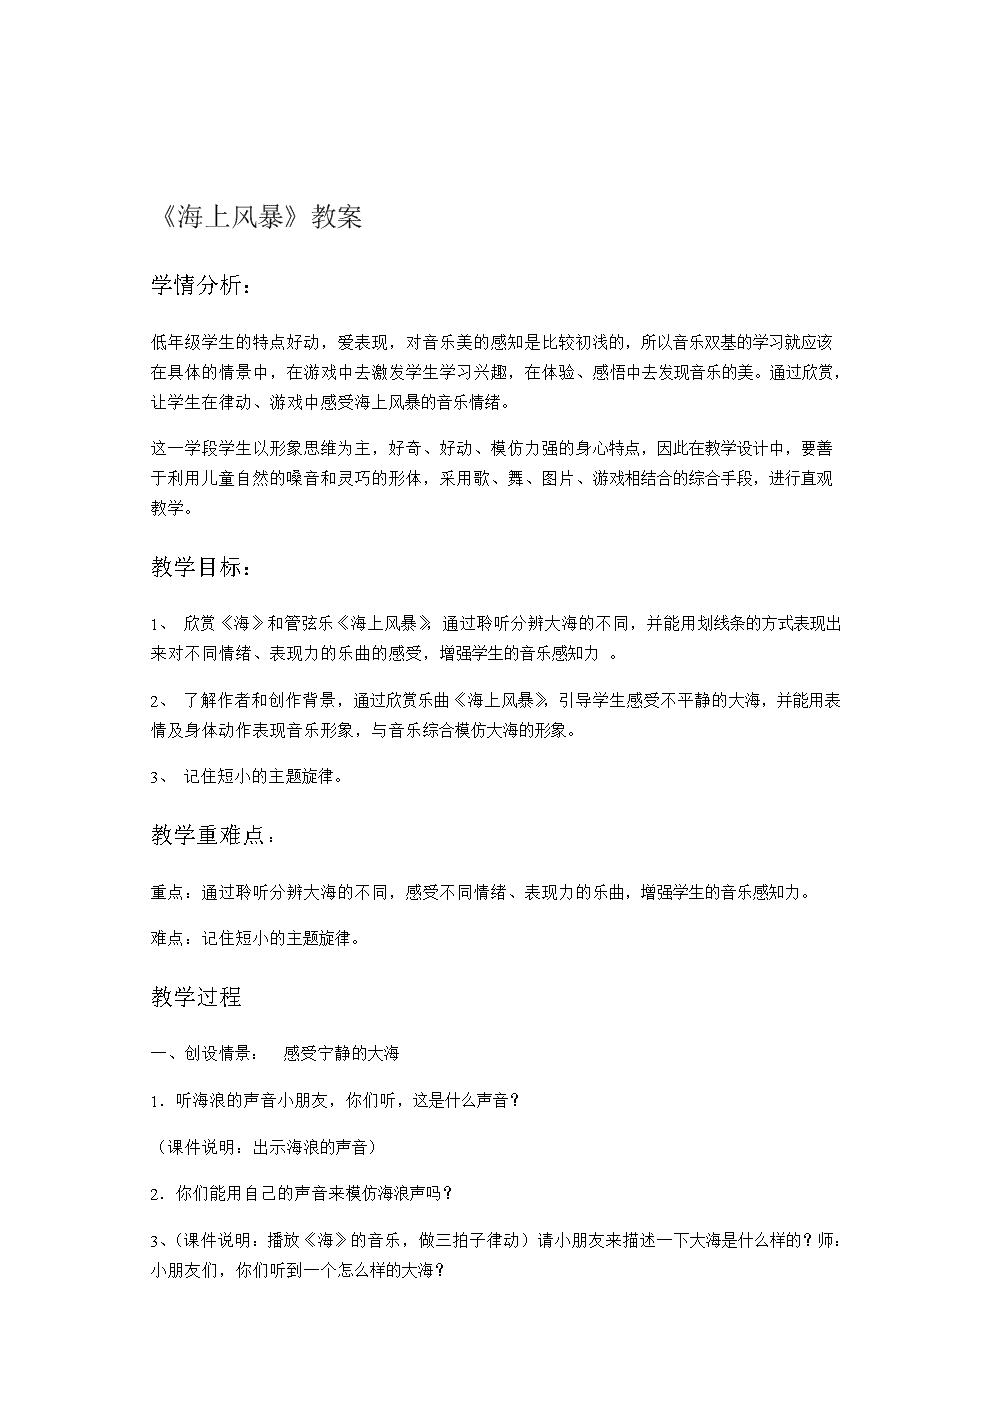 完整word版海上风暴教案3.doc